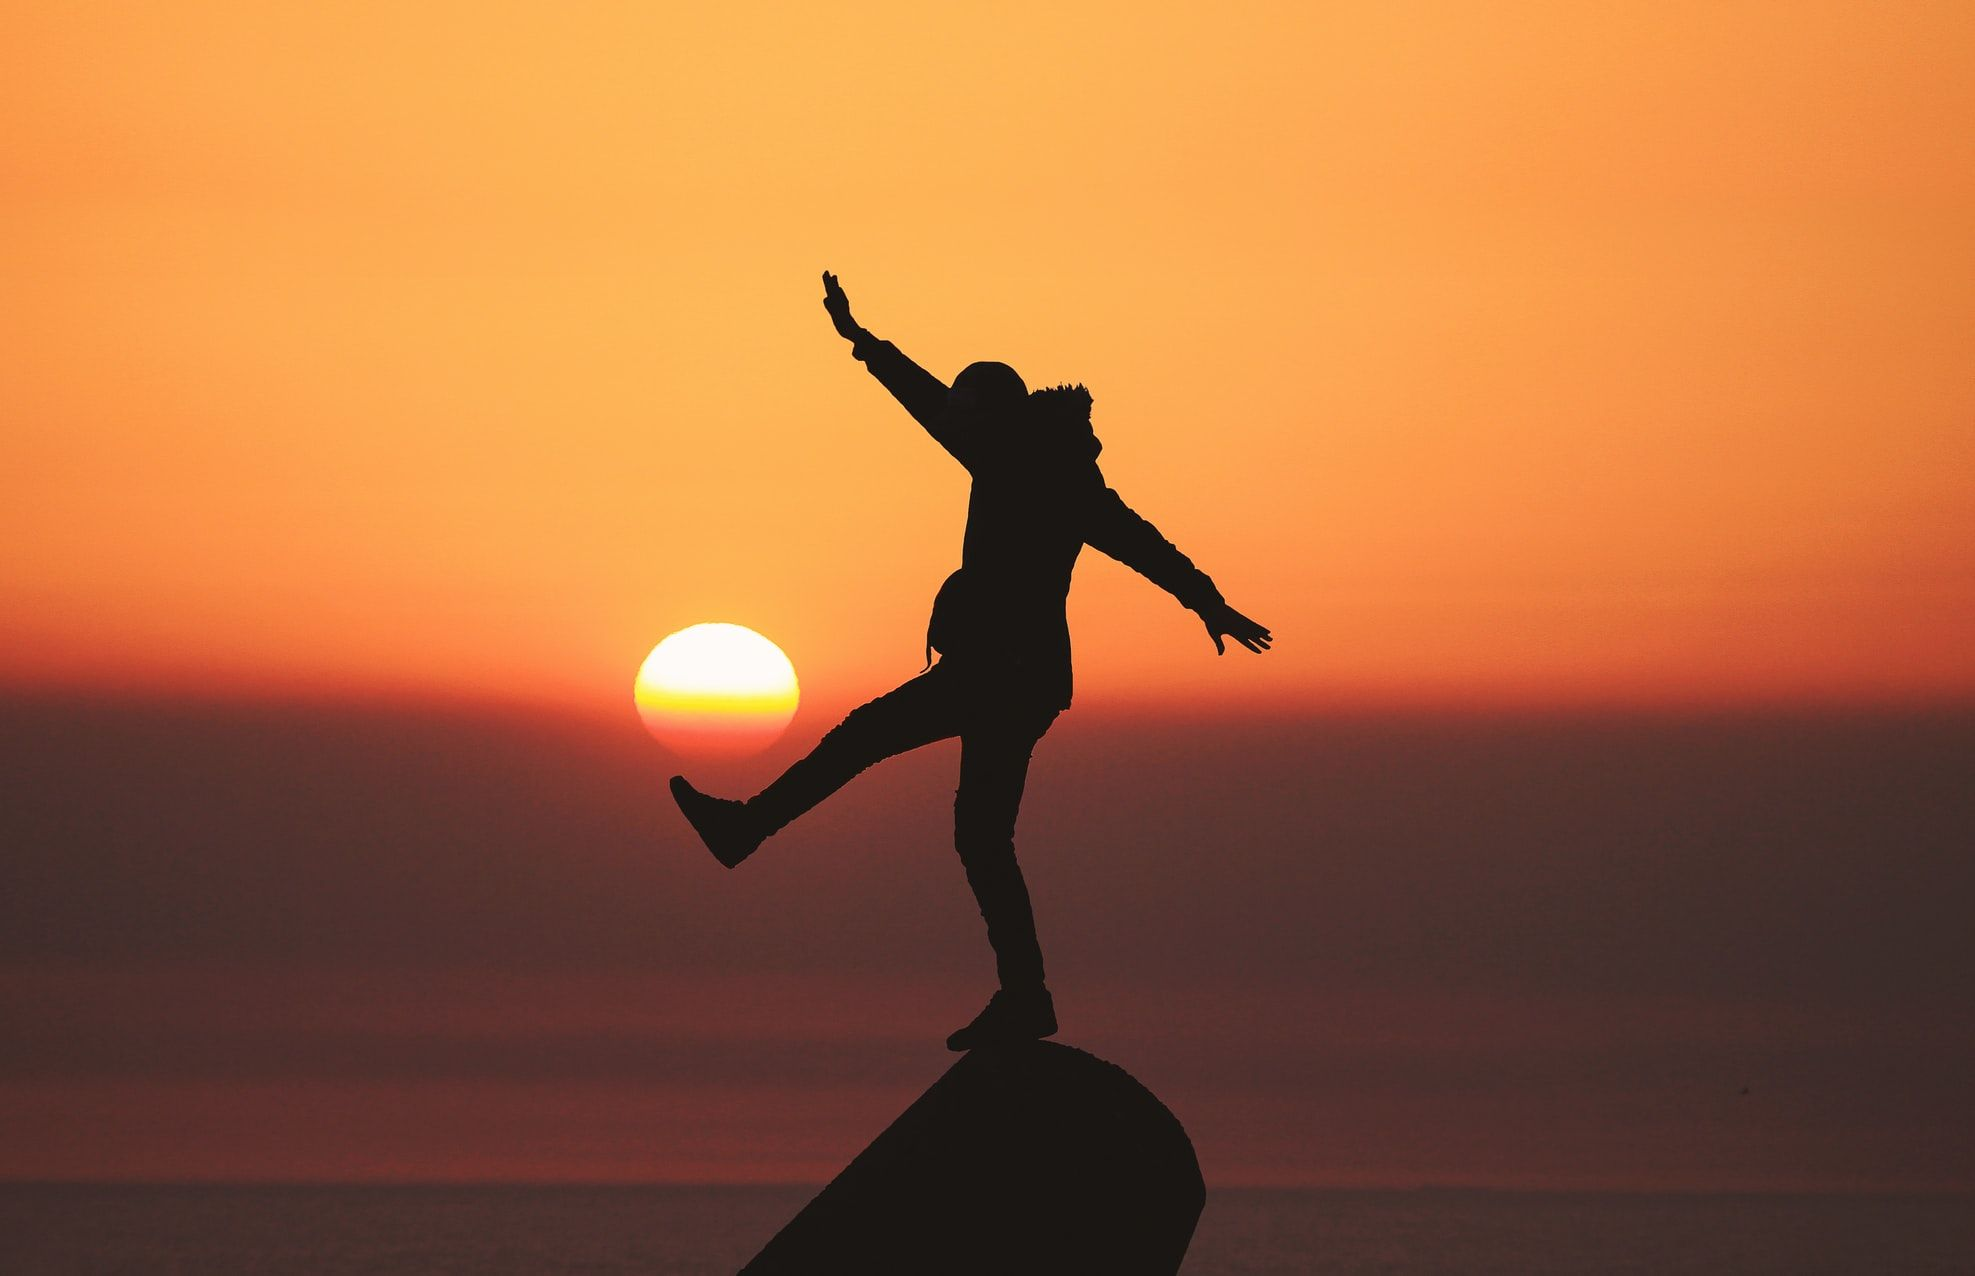 Žmogus ant uolos stovi ant vienos kojos